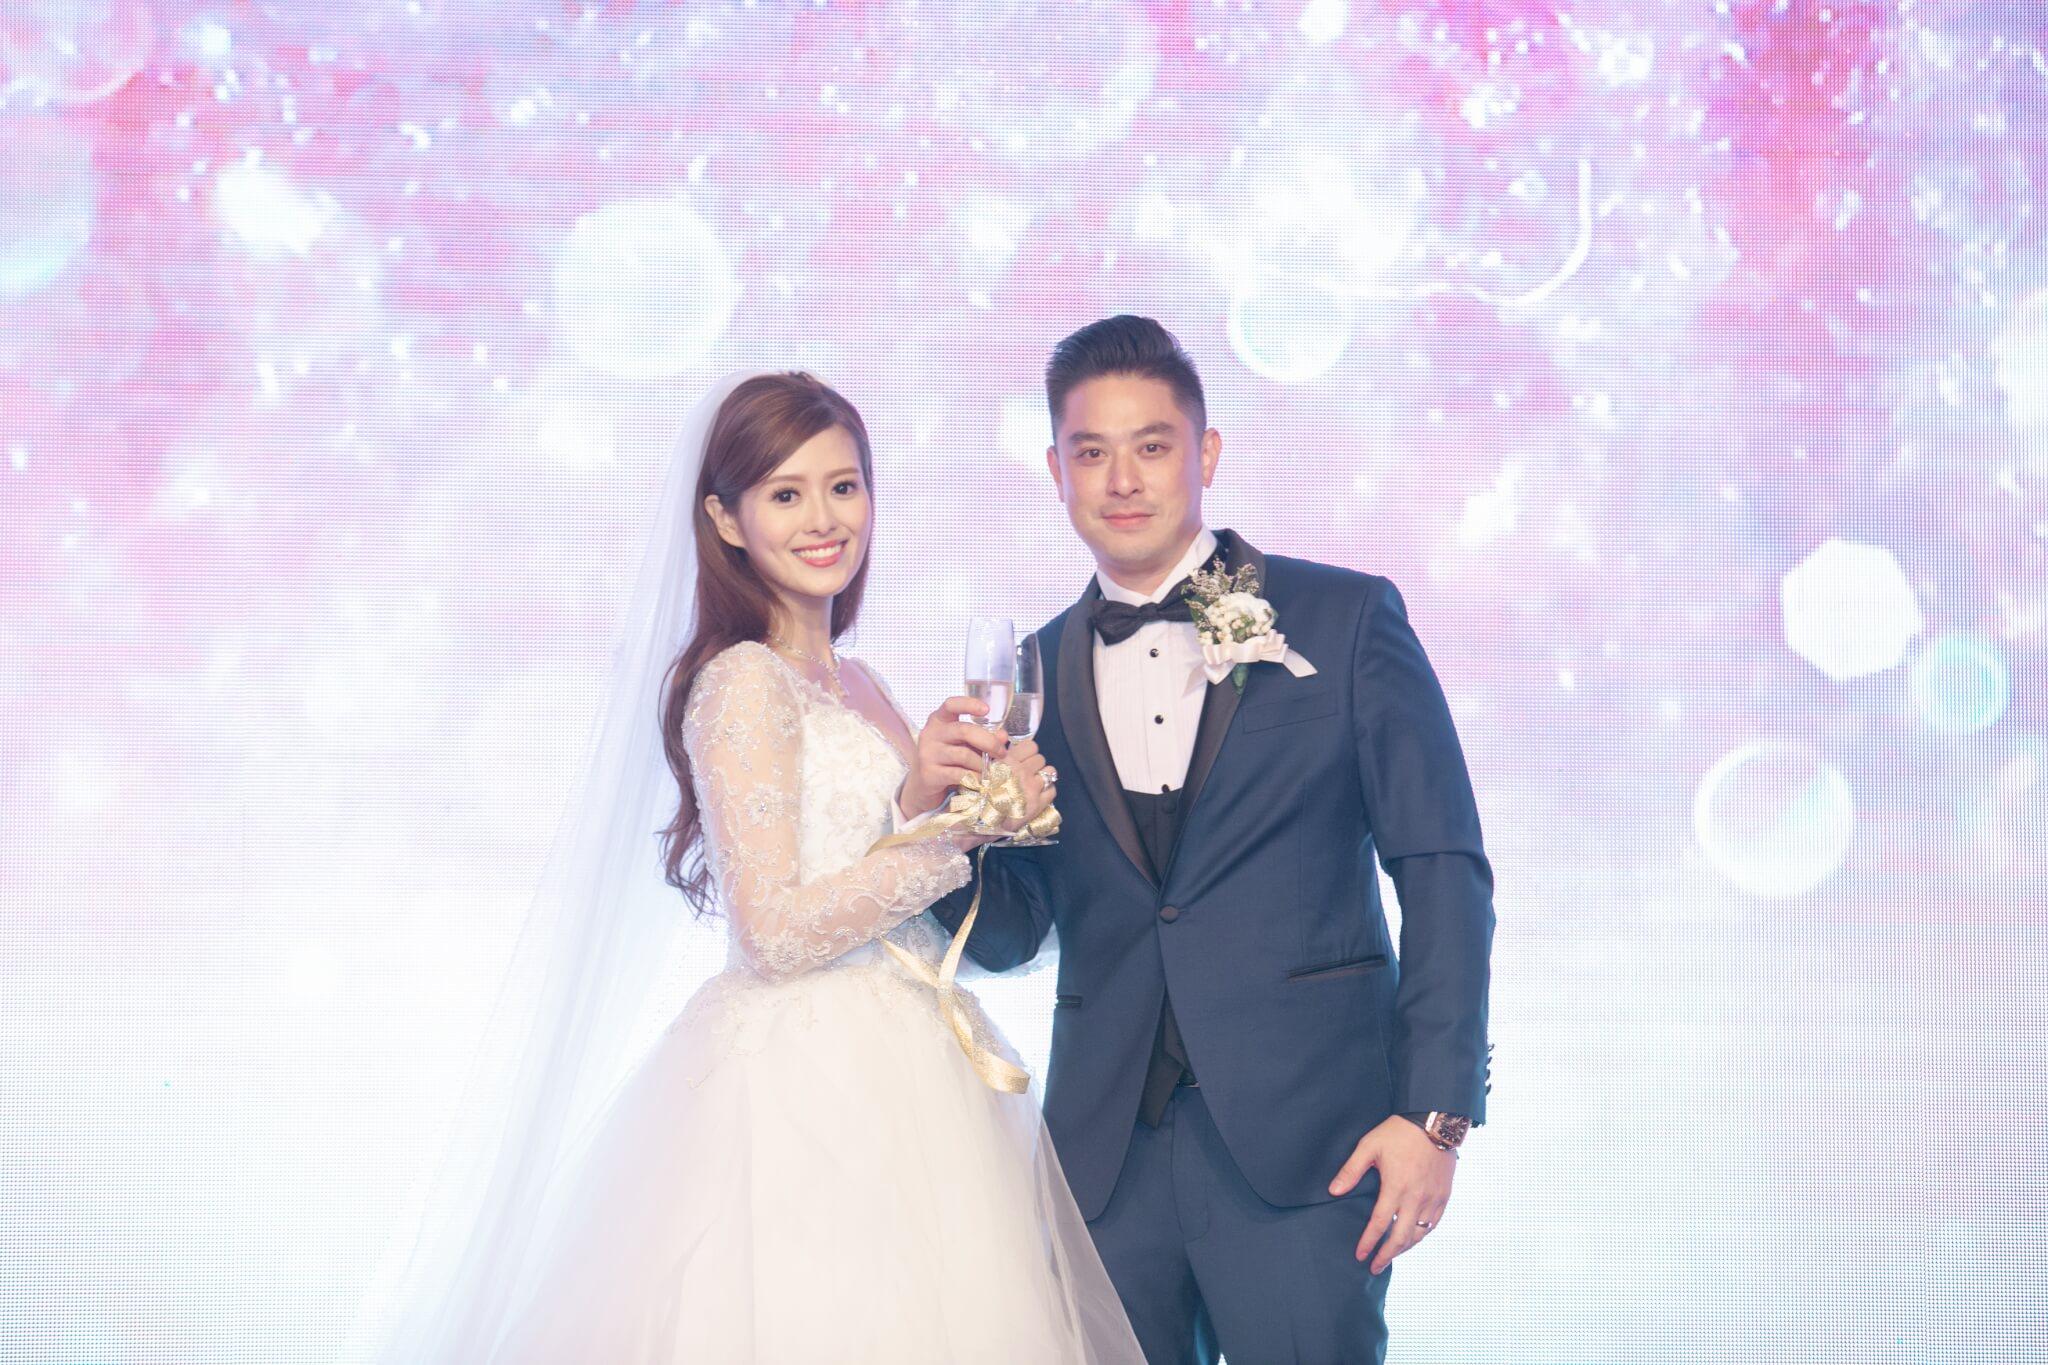 2019年9月3日,許芷熒(前名許亦妮)與拍拖兩年的圈外男友Alexander Fung結婚。